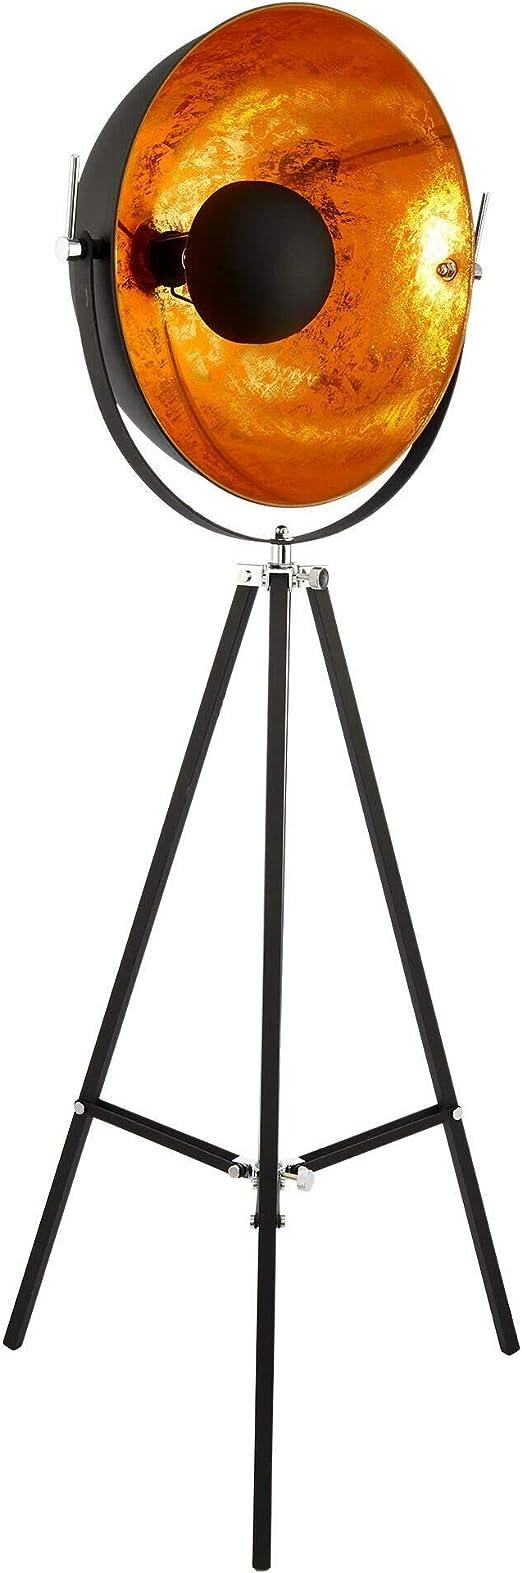 Butlers Satellight Standleuchte Aus Metall 165x60 Cm Stehlampe